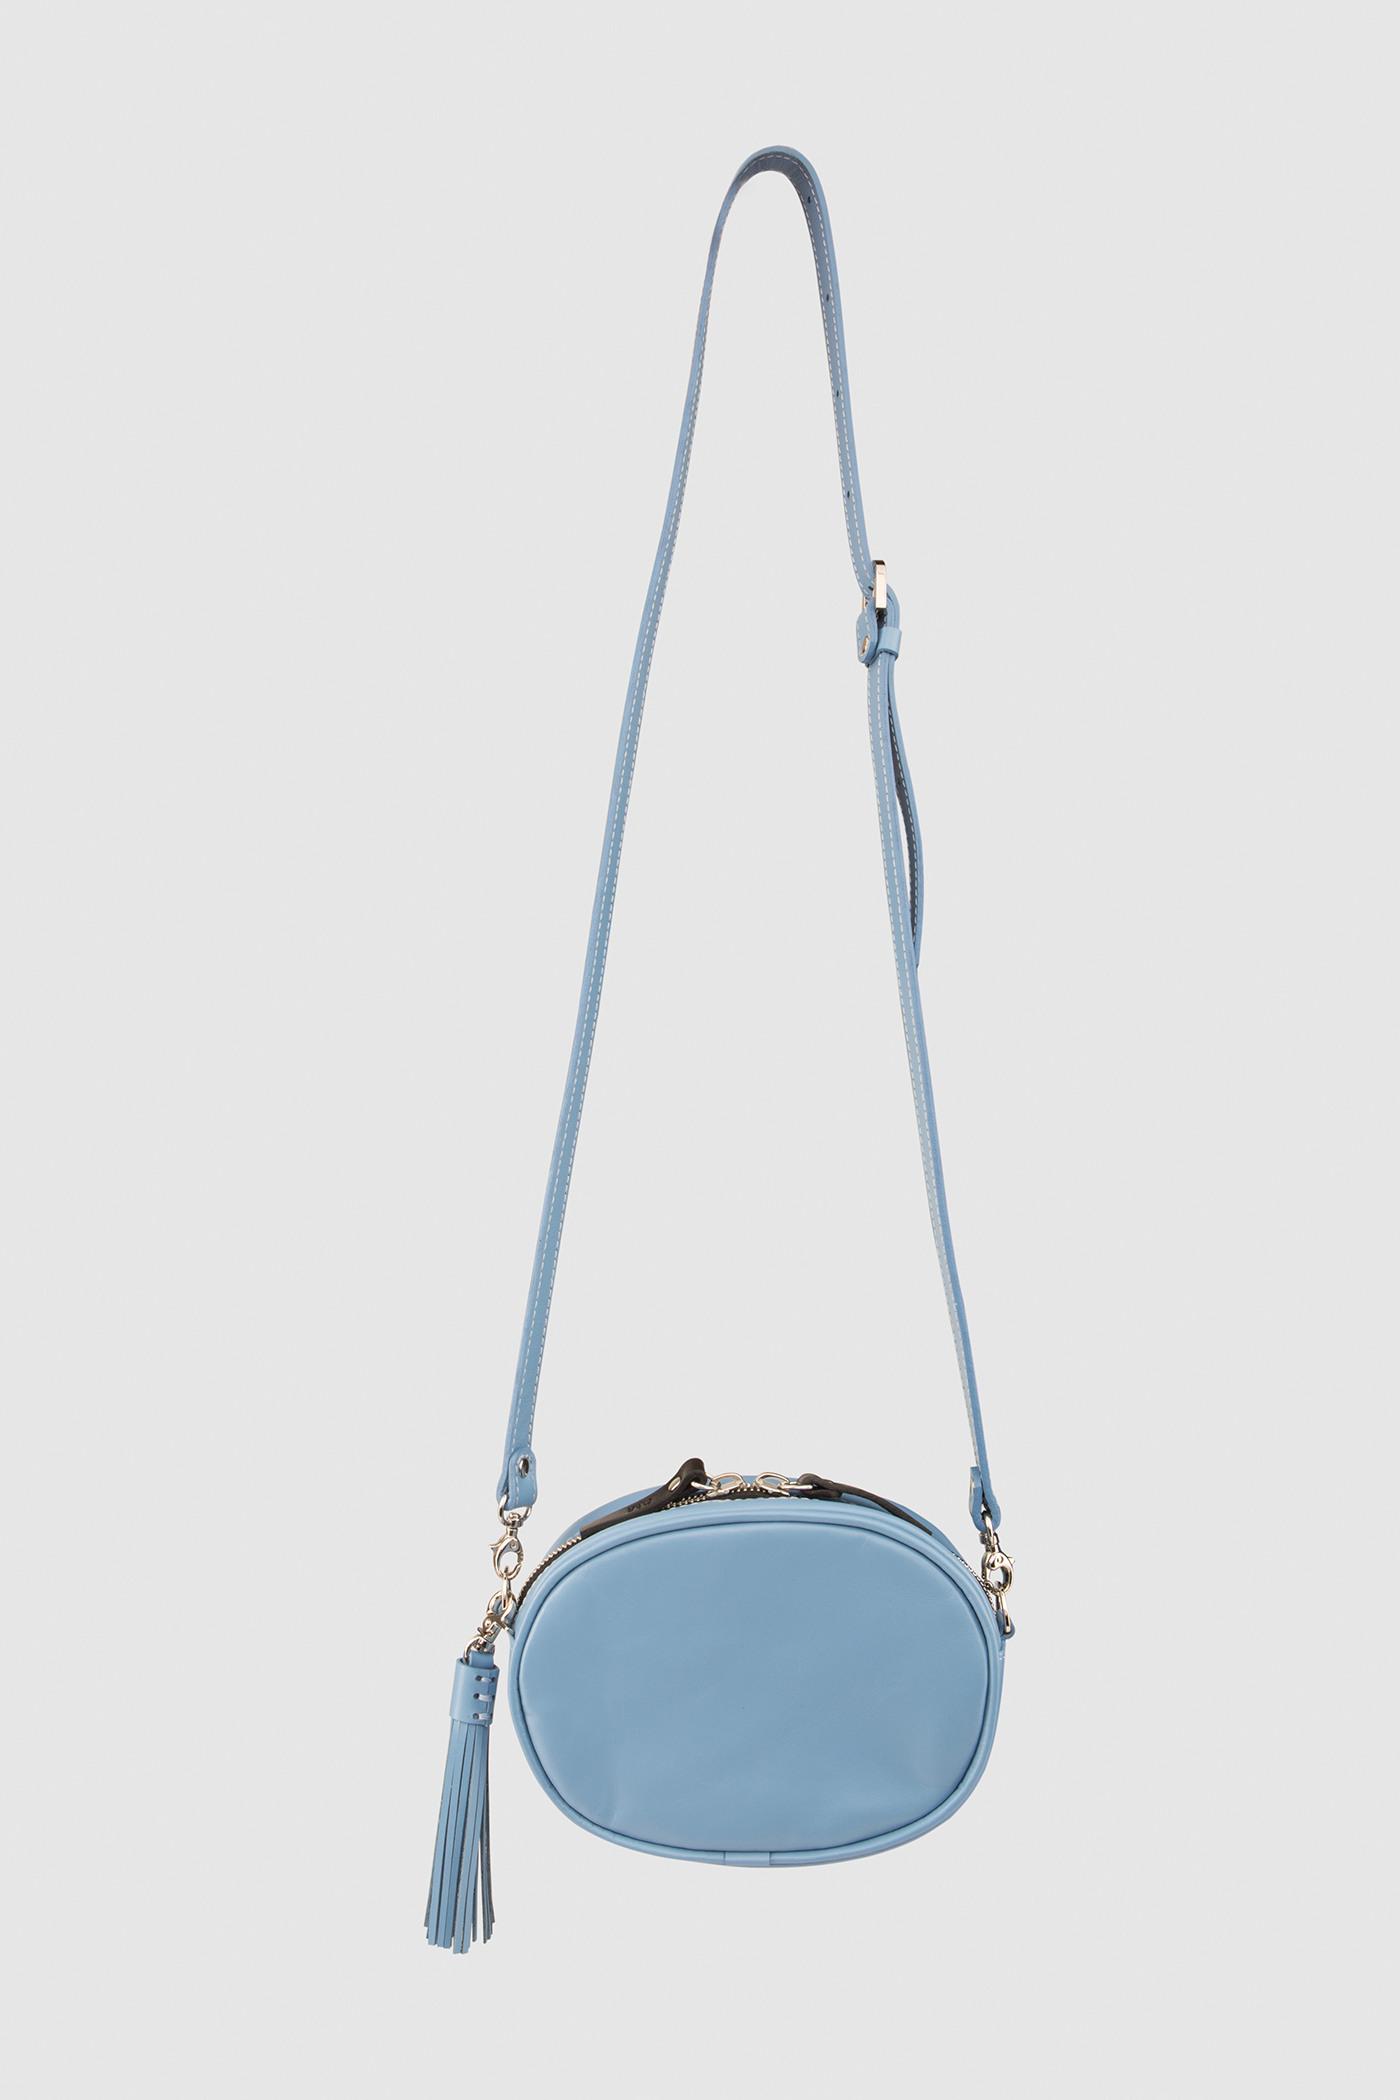 Сумка маленького размераОвальная сумка из мягкой натуральной кожи на молнии. Внутреннее отделение на подкладке. Съемный регулируемый ремешок через плечо. Съемная кисть на карабине.&#13;<br>&#13;<br>Размеры&#13;<br>Высота: 12,5 см&#13;<br>Длина: 16,6 см&#13;<br>Глубина: 5 см&#13;<br>Высота ремешка: max 122 - min 70 см<br><br>Цвет: Красный, Голубой, Черный, Телесный<br>Размер: one size